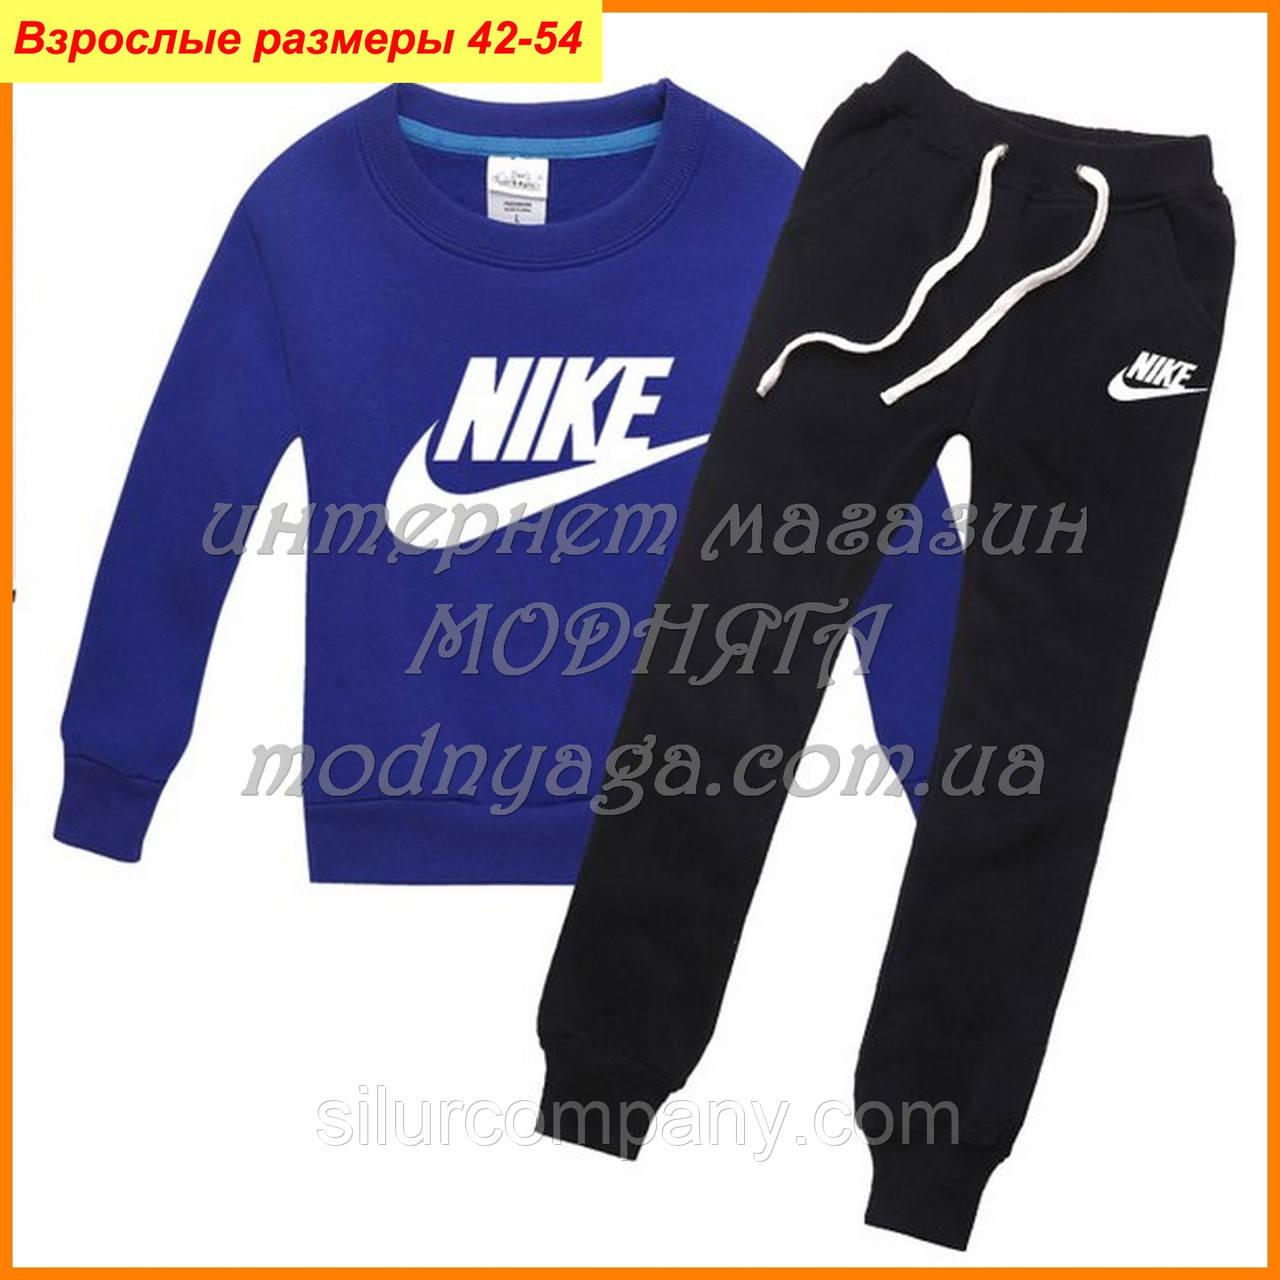 100ca58f8cce Спортивные костюмы nike adidas - ассортимент - Интернет магазин